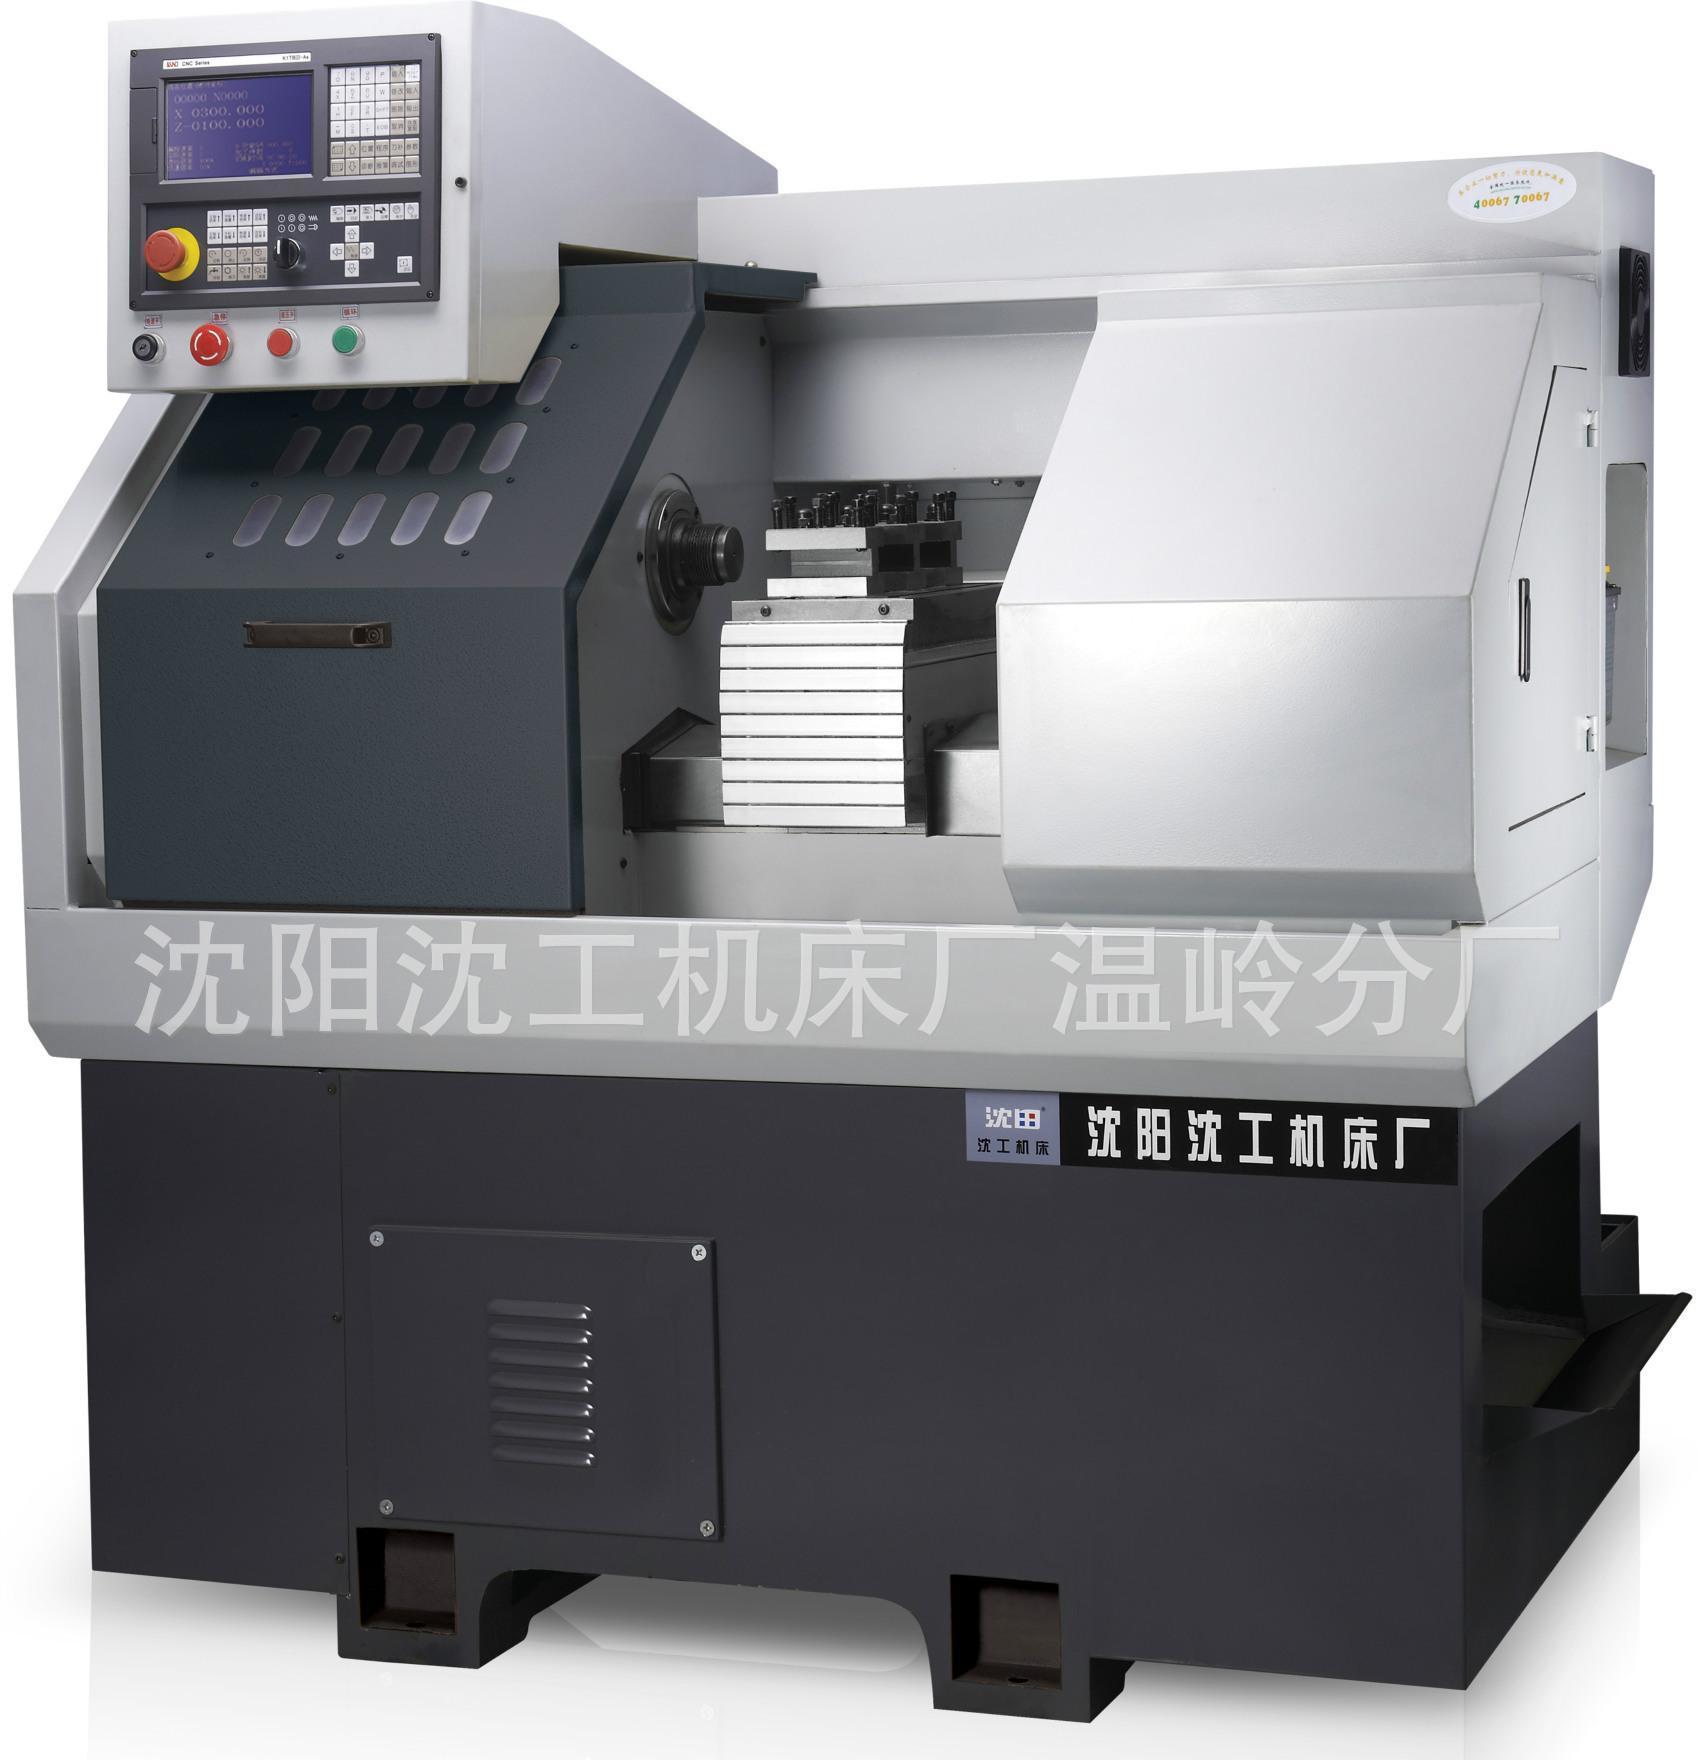 厂家供应CK0620沈工精密数控仪表车床 小型简易自动仪表车床